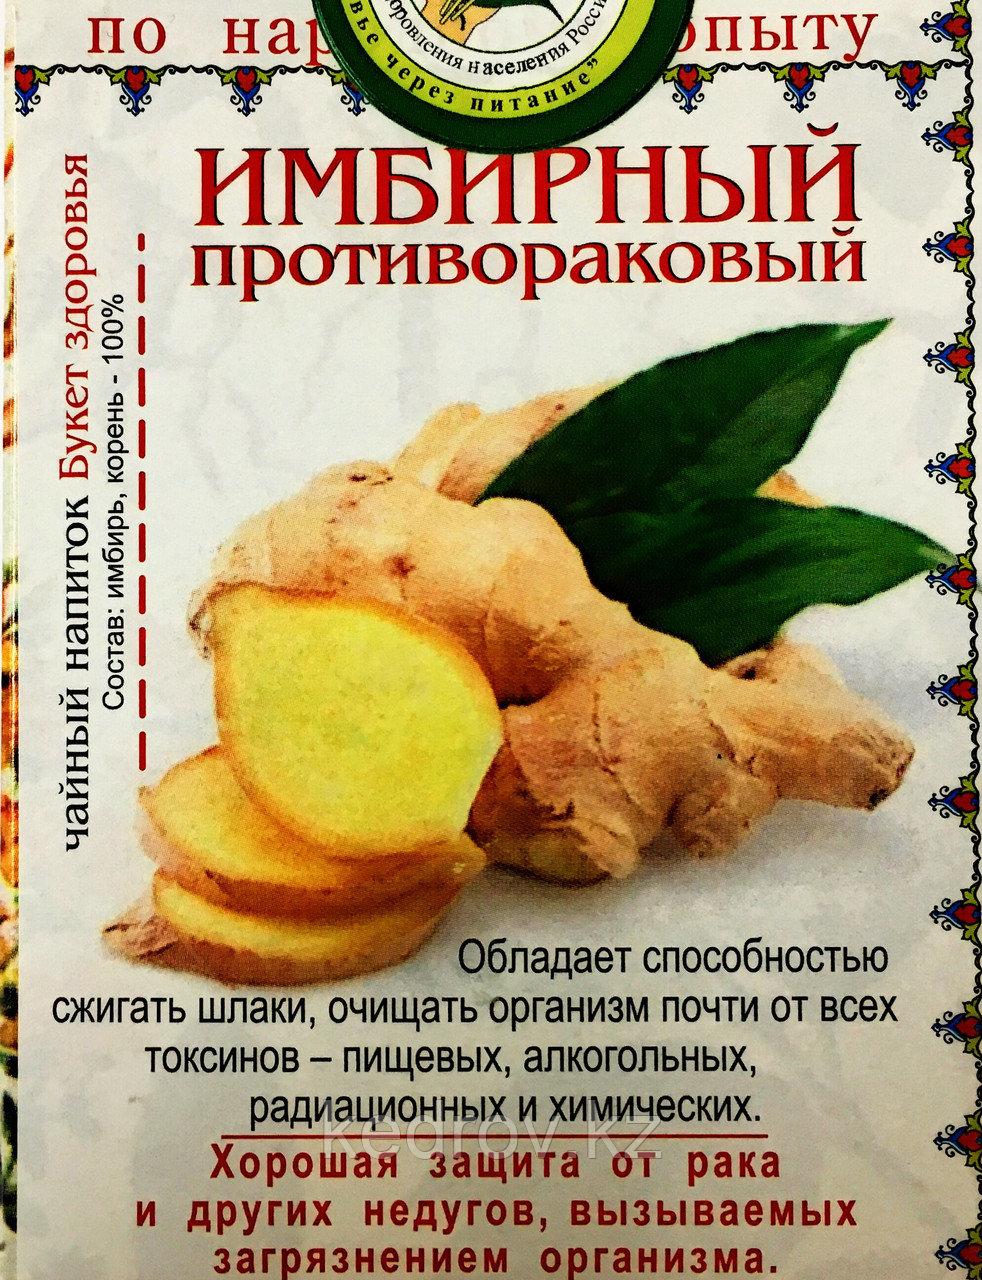 Народный Чай Имбирный, противораковый, 50 гр (25 ф/п по 2,0г)  Букет здоровья